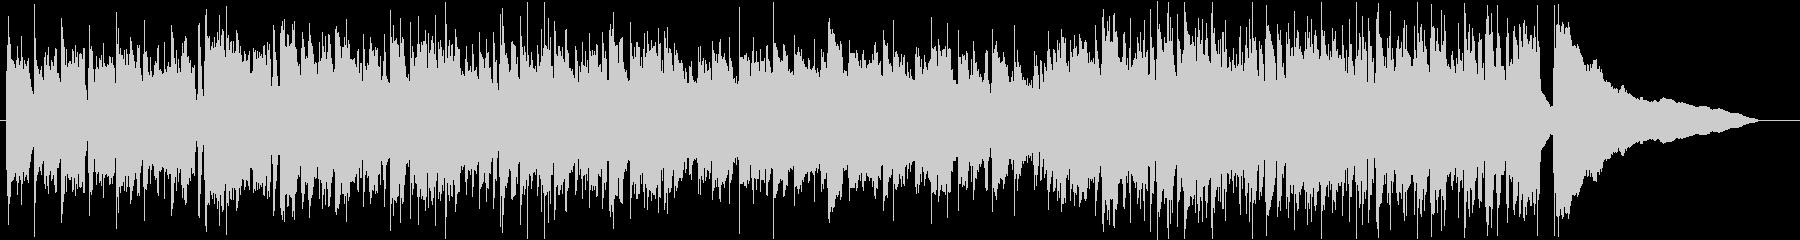 アコギが中心の穏やかな曲_ワンコーラス1の未再生の波形